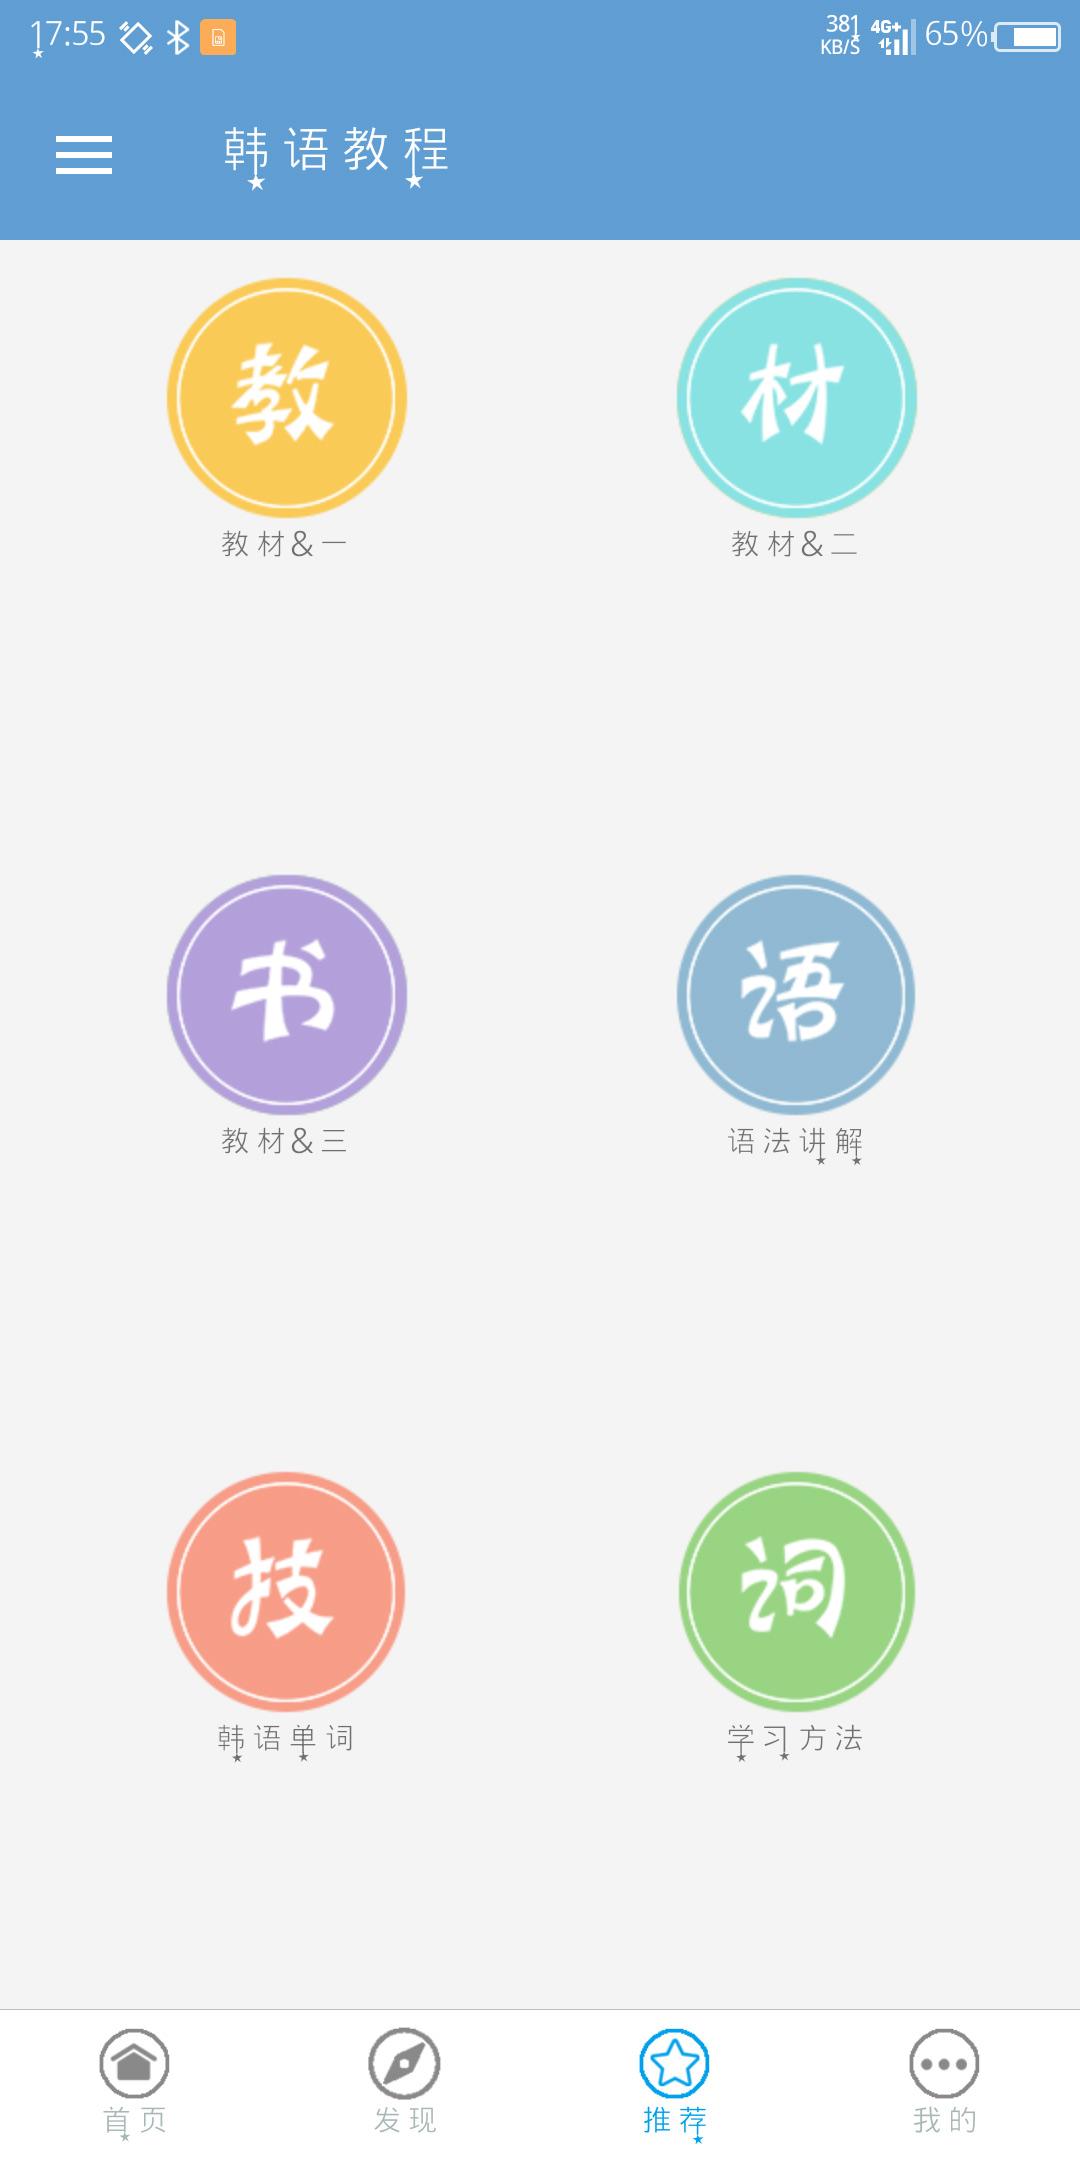 【分享】韩语教程+2.4